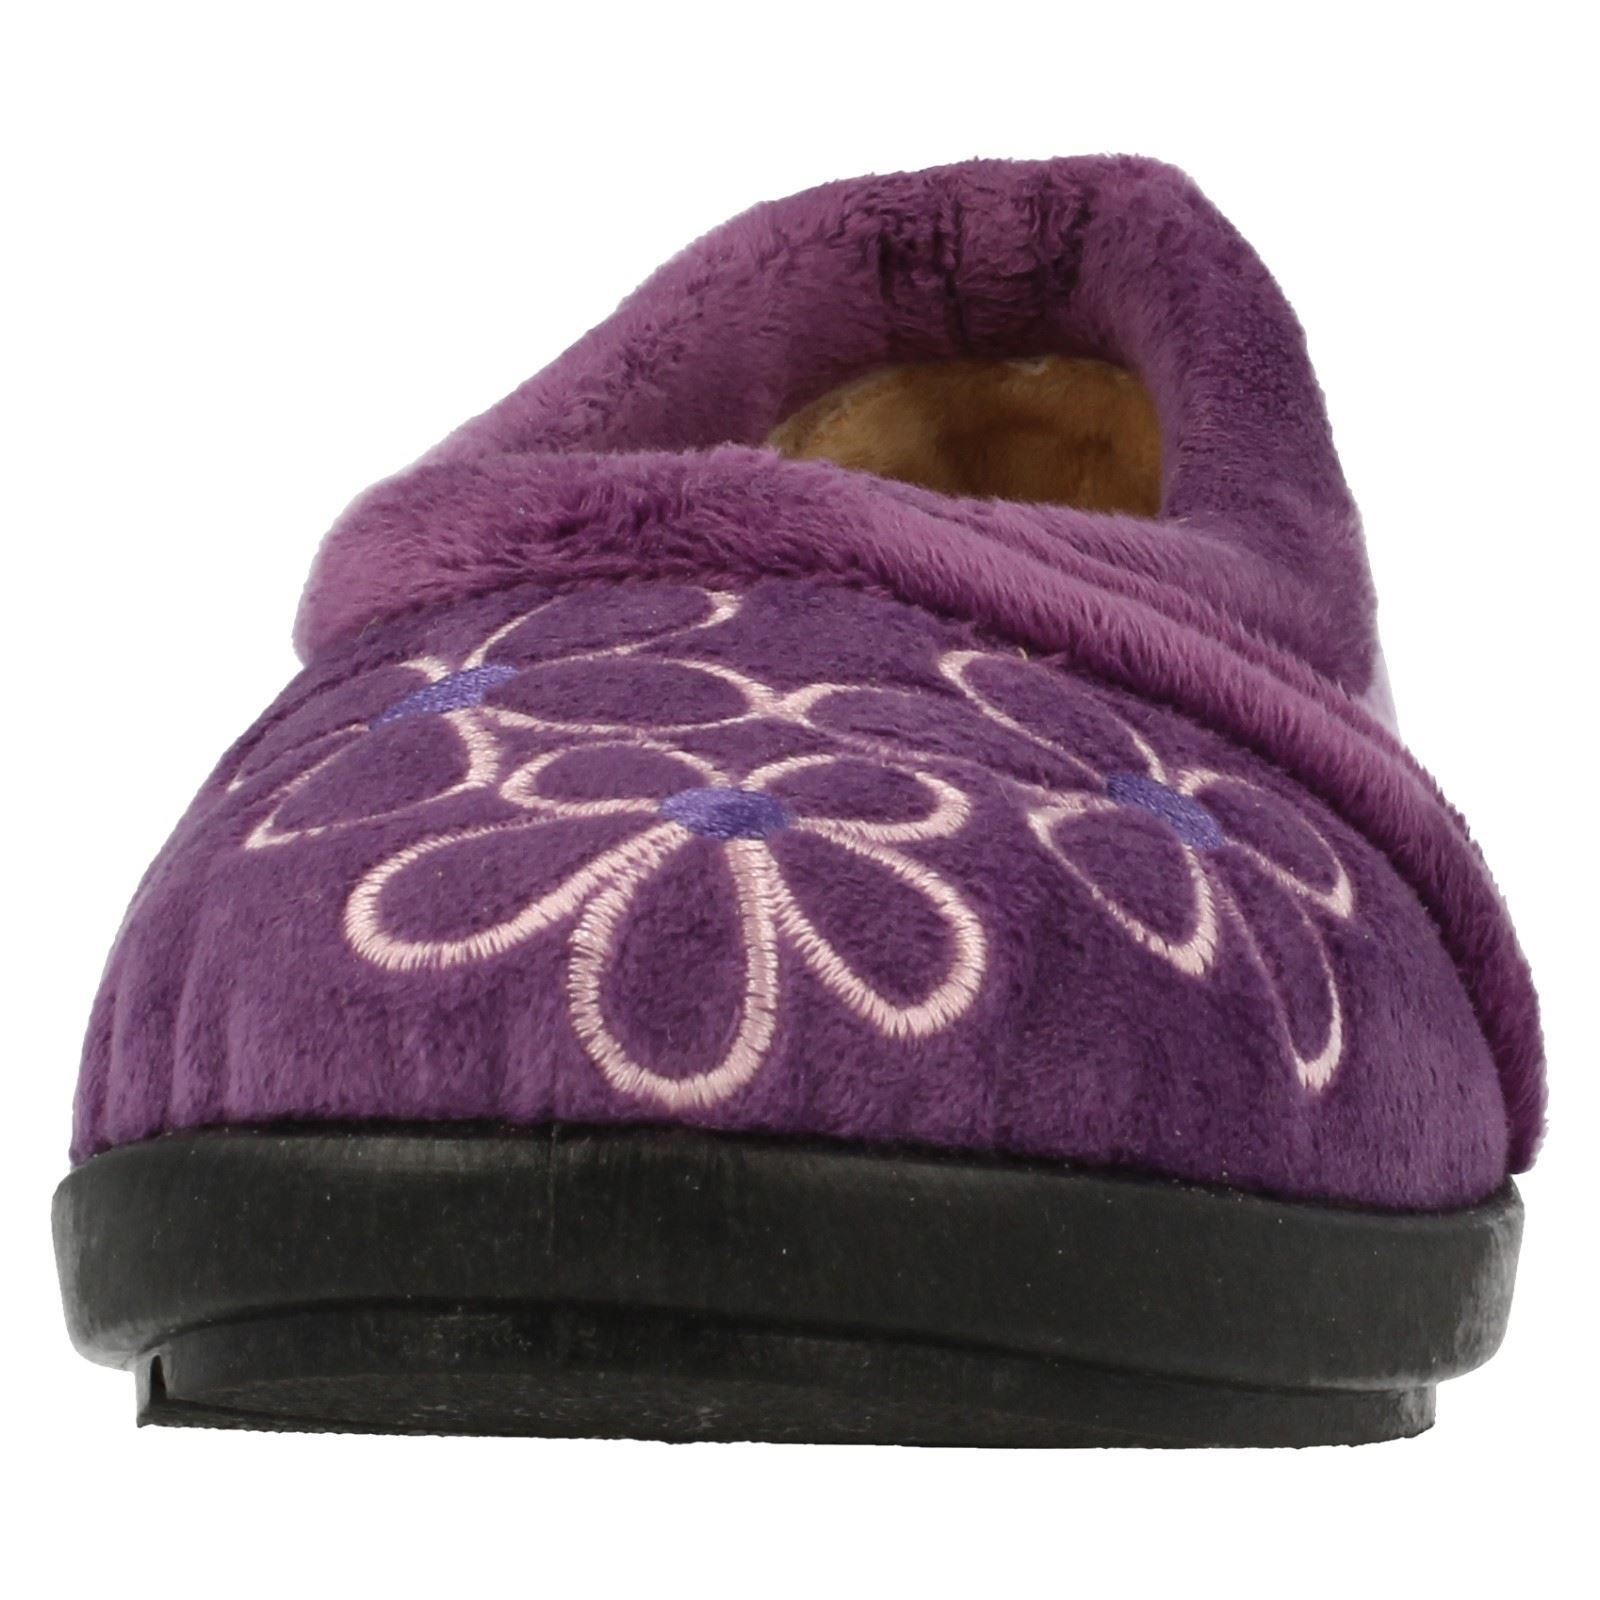 Damas Flor Estampado Zapatillas Primula Easy B